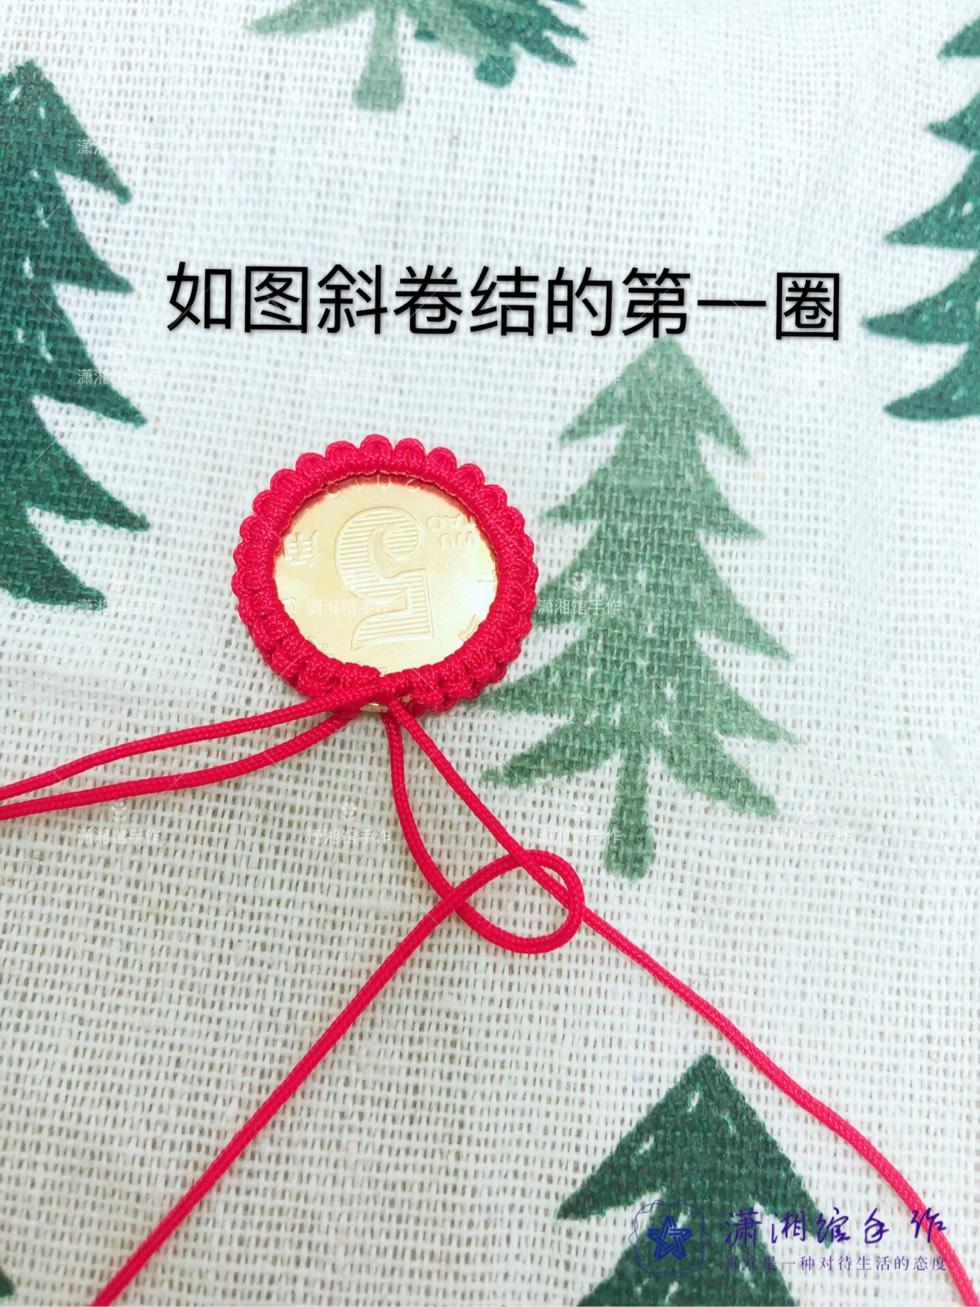 中国结论坛 硬币挂件天使翅膀钥匙扣教程  图文教程区 170054y6k0zfos6mmseozz